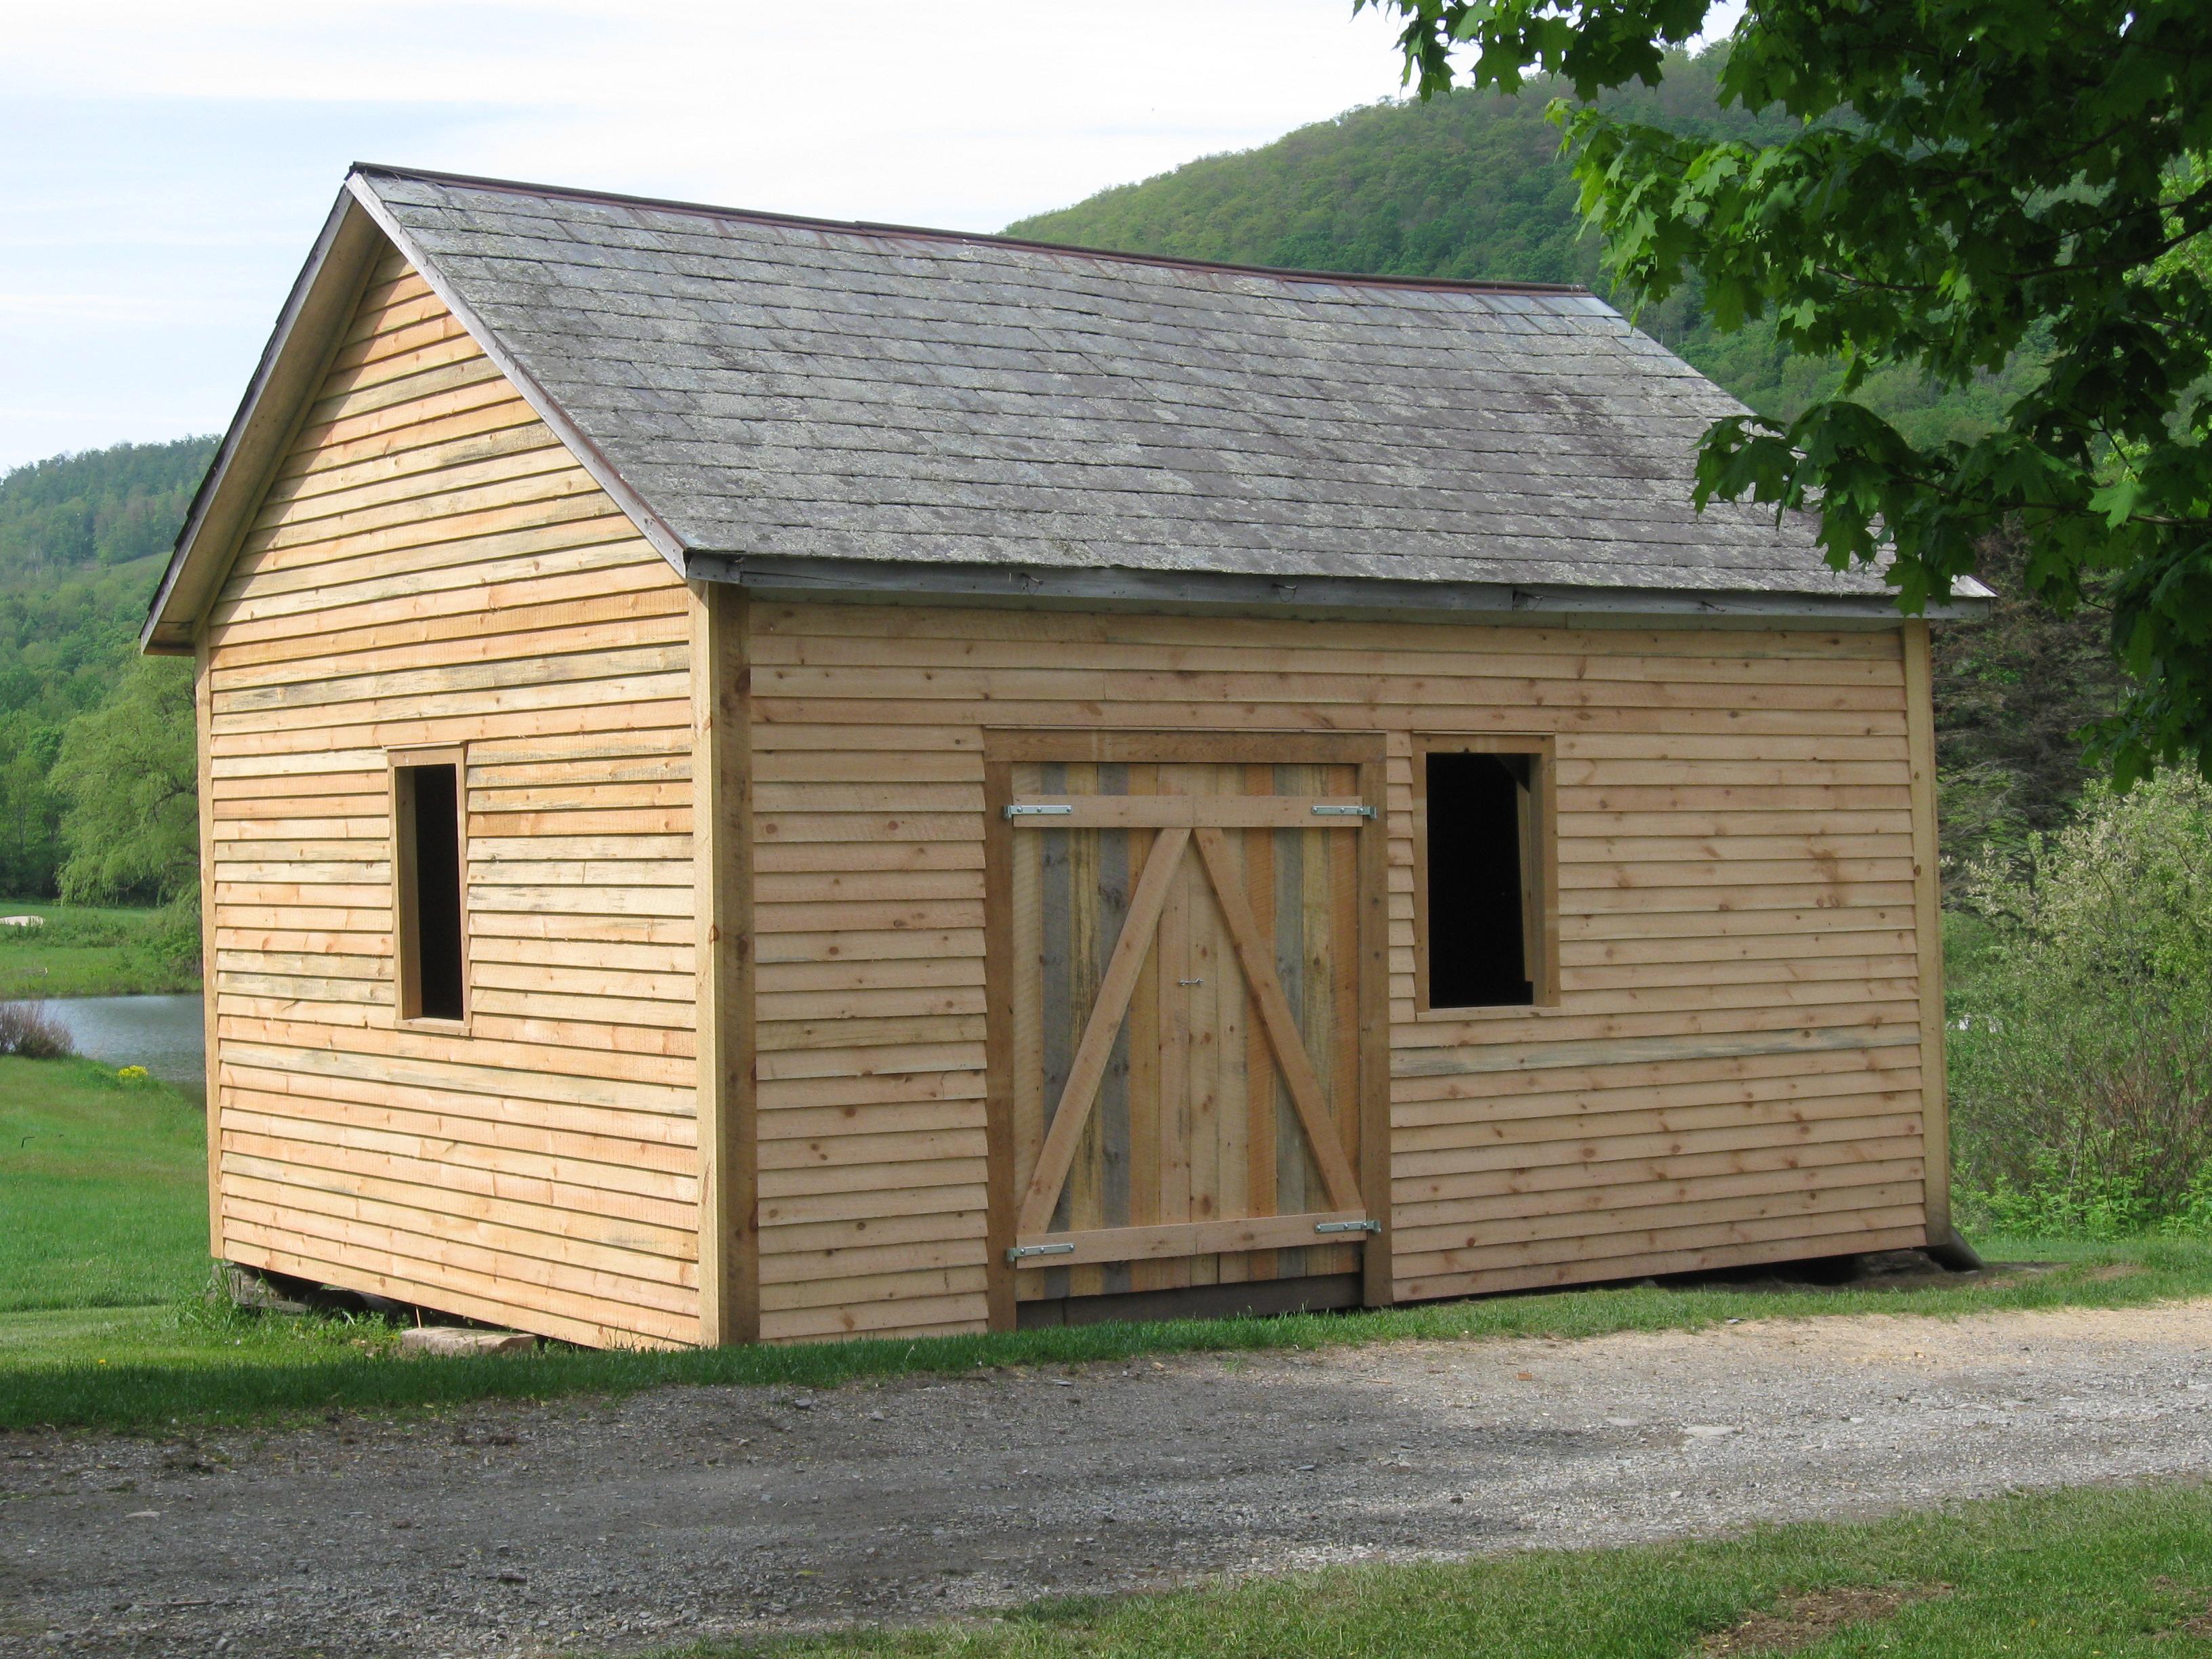 rebfurbished-barn-green-mountain-timber-frames